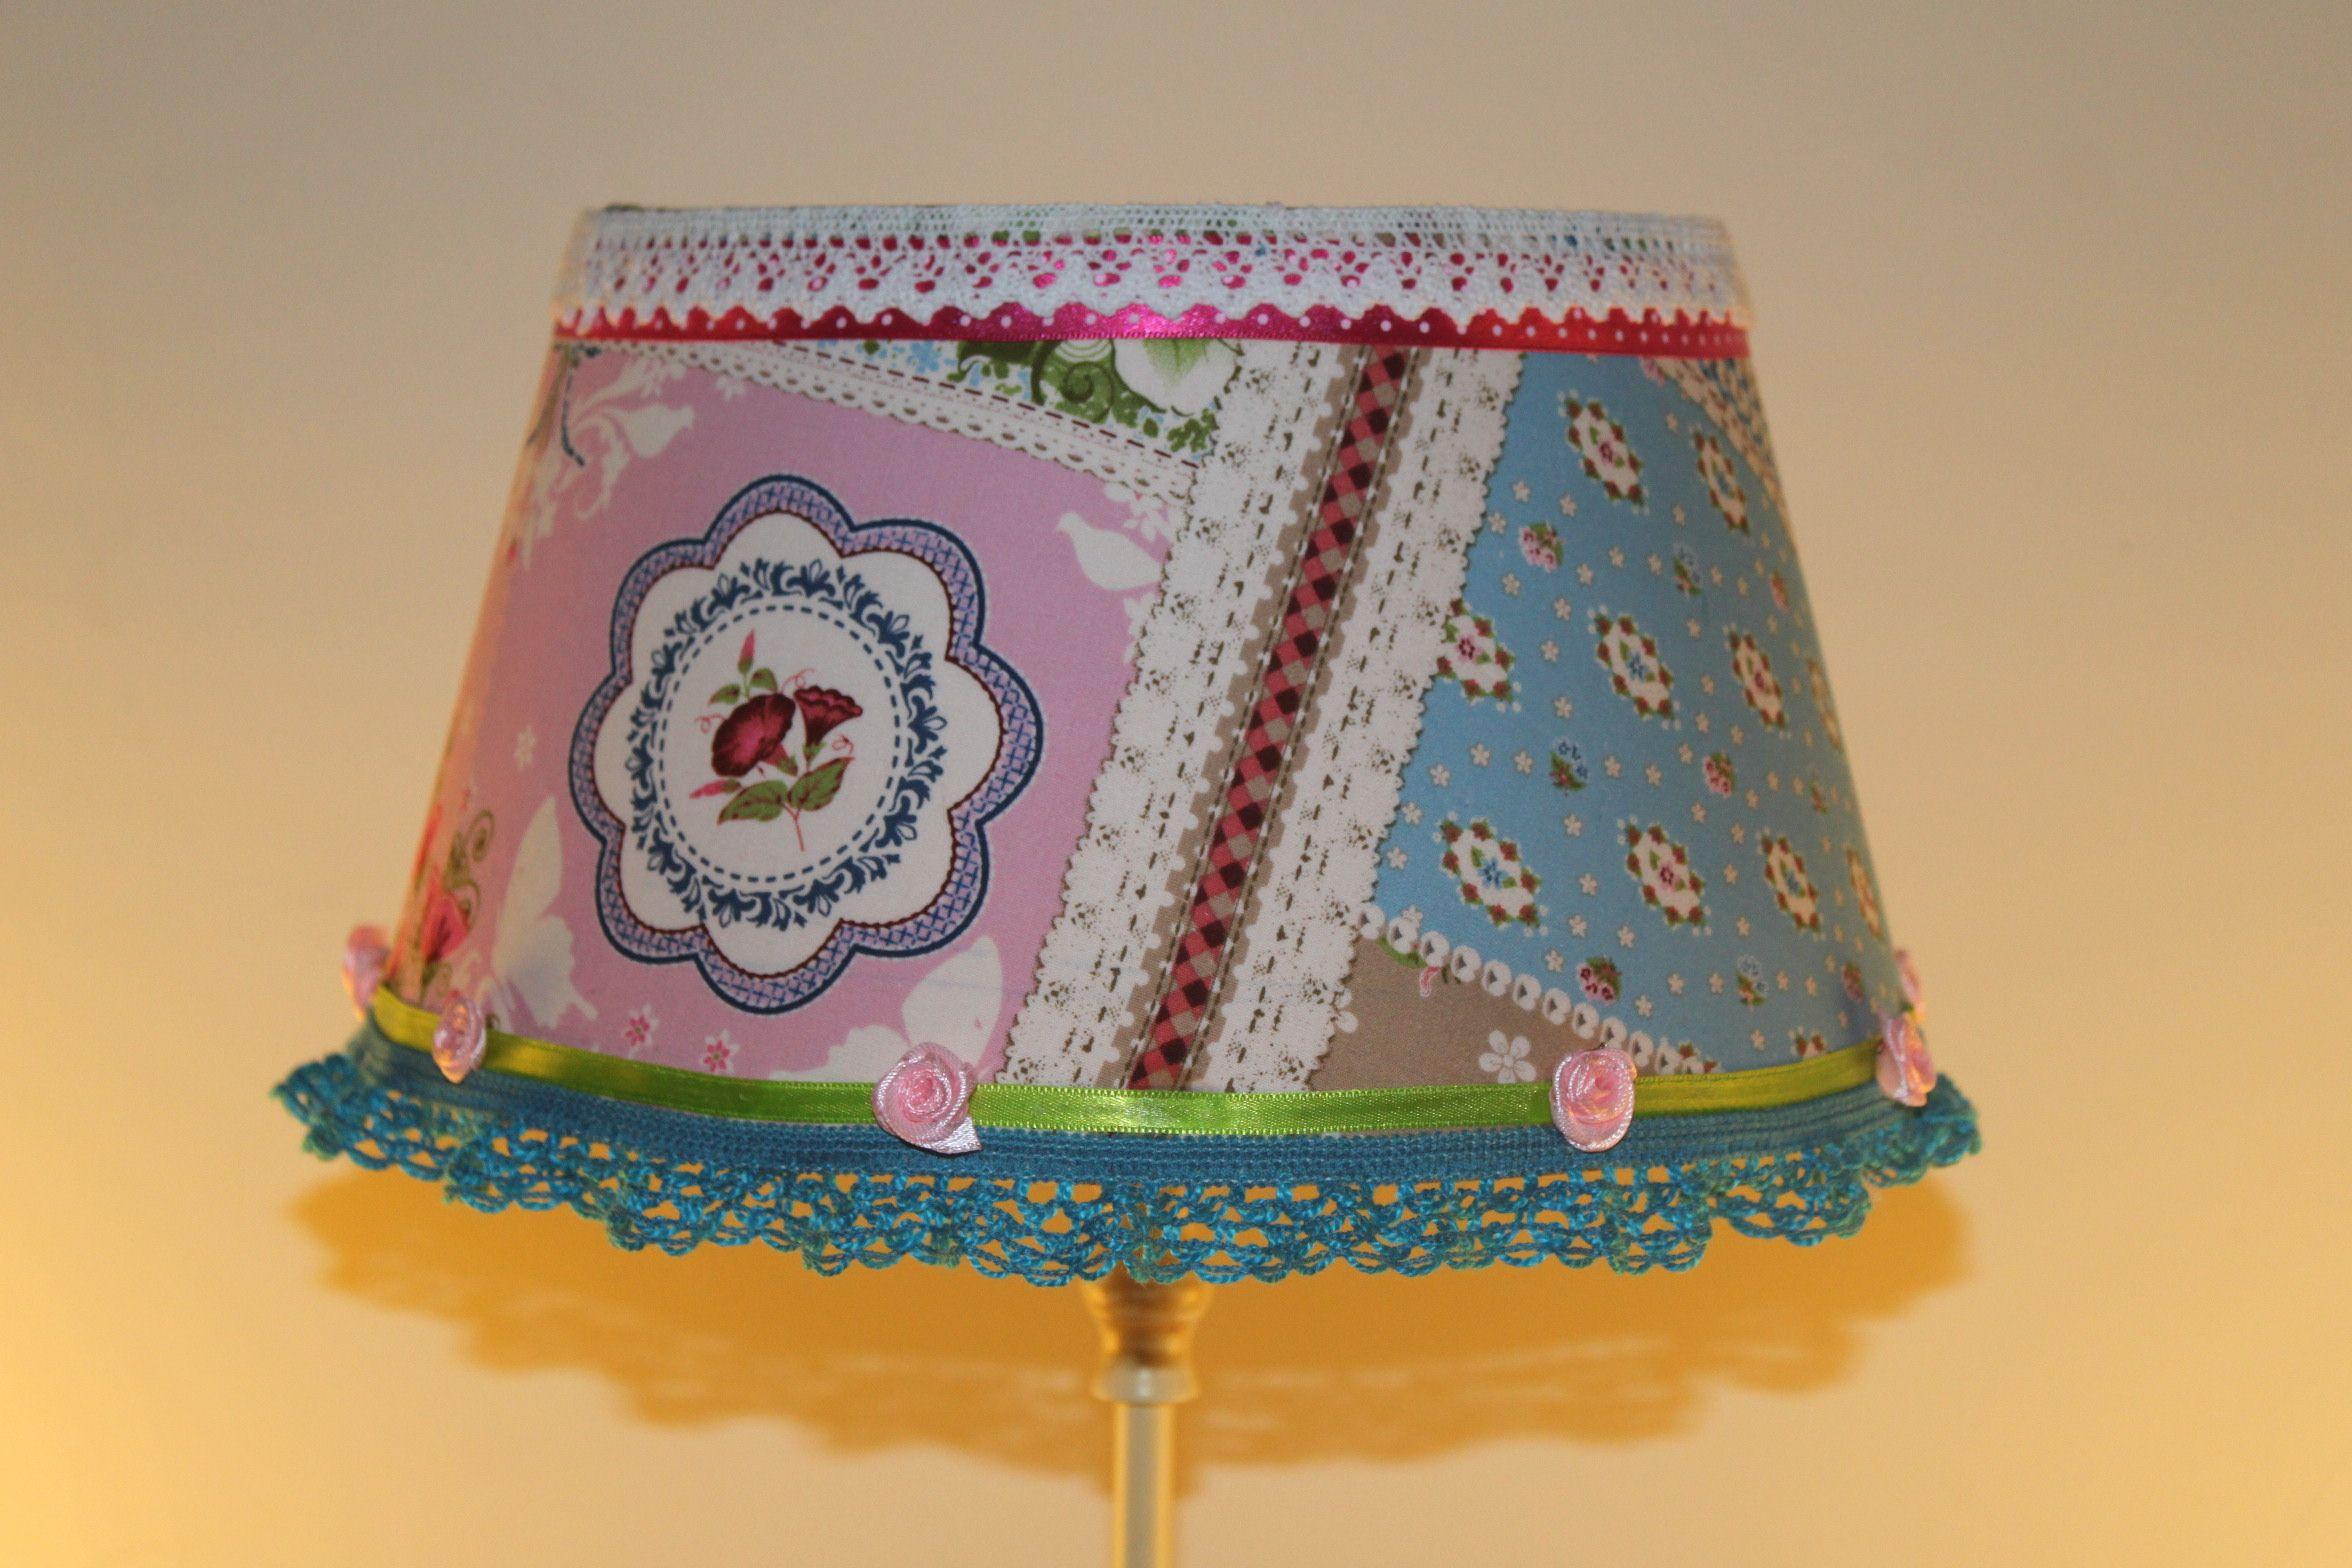 Lampenkapje gepimped met stof, lint, kant en roosjes